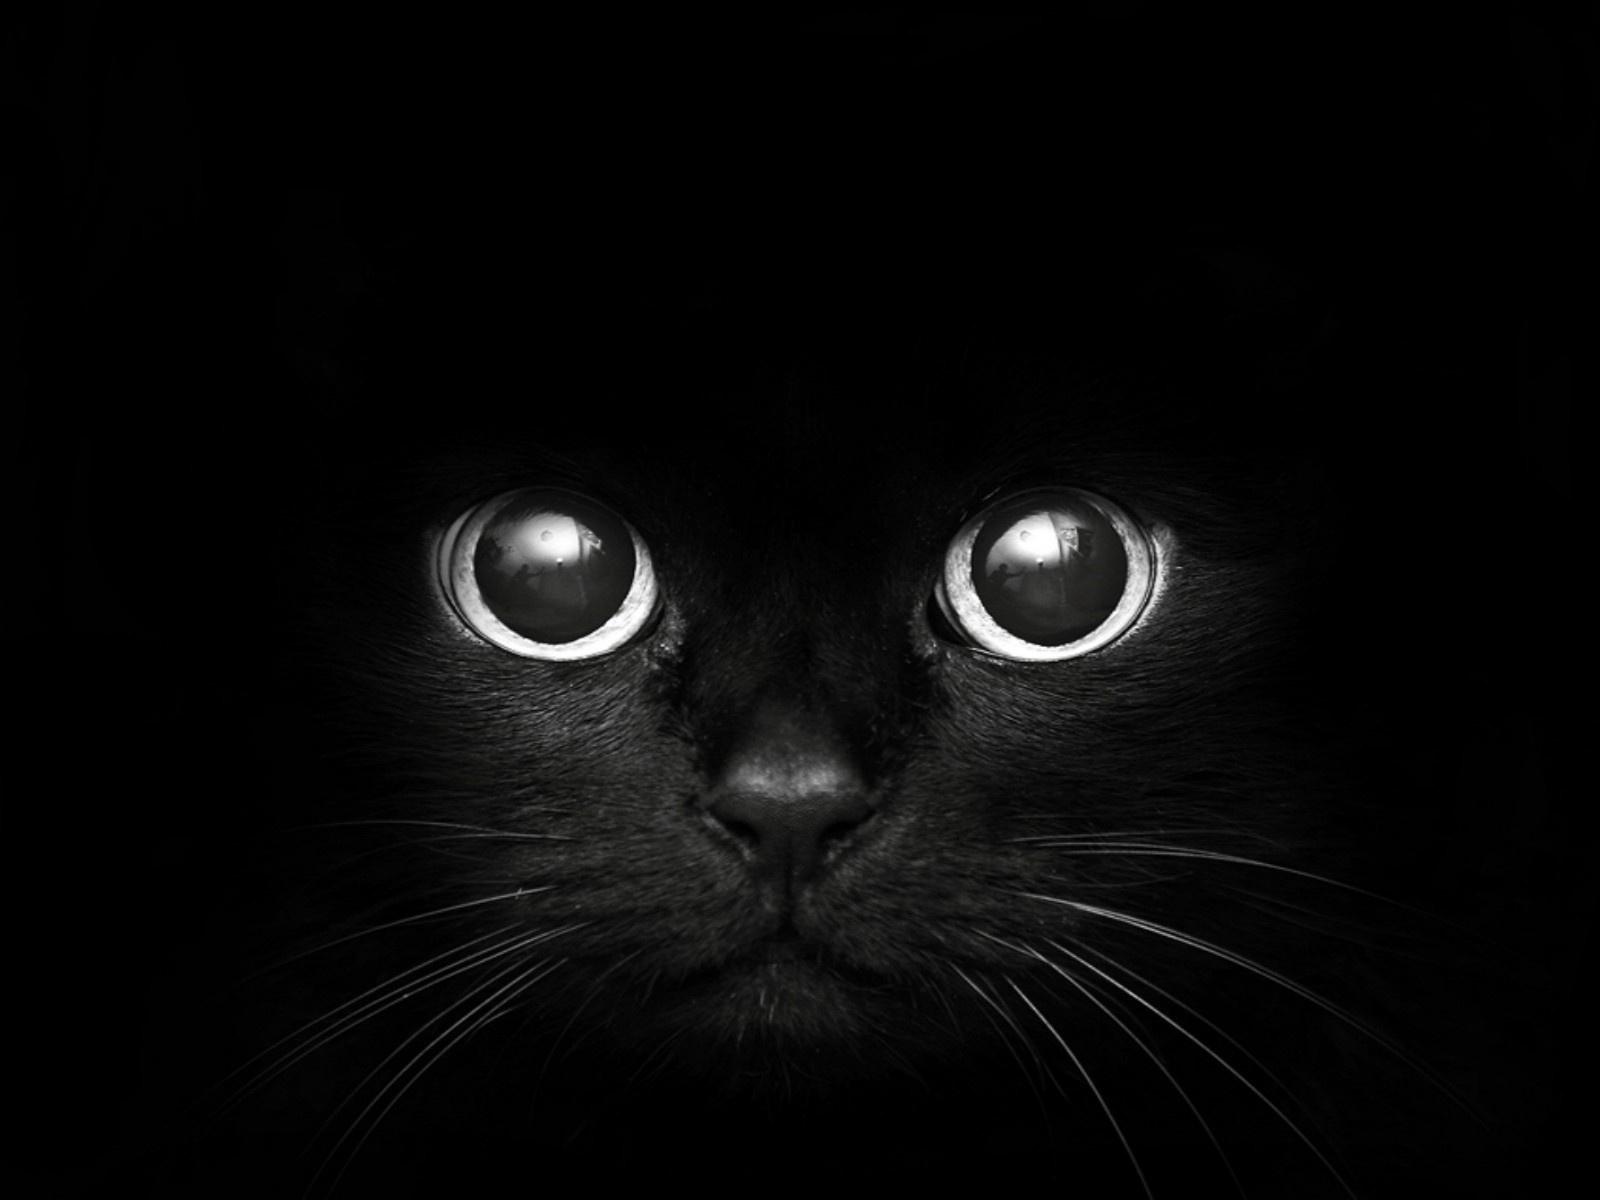 black cat wallpaper | 1600x1200 | #74496